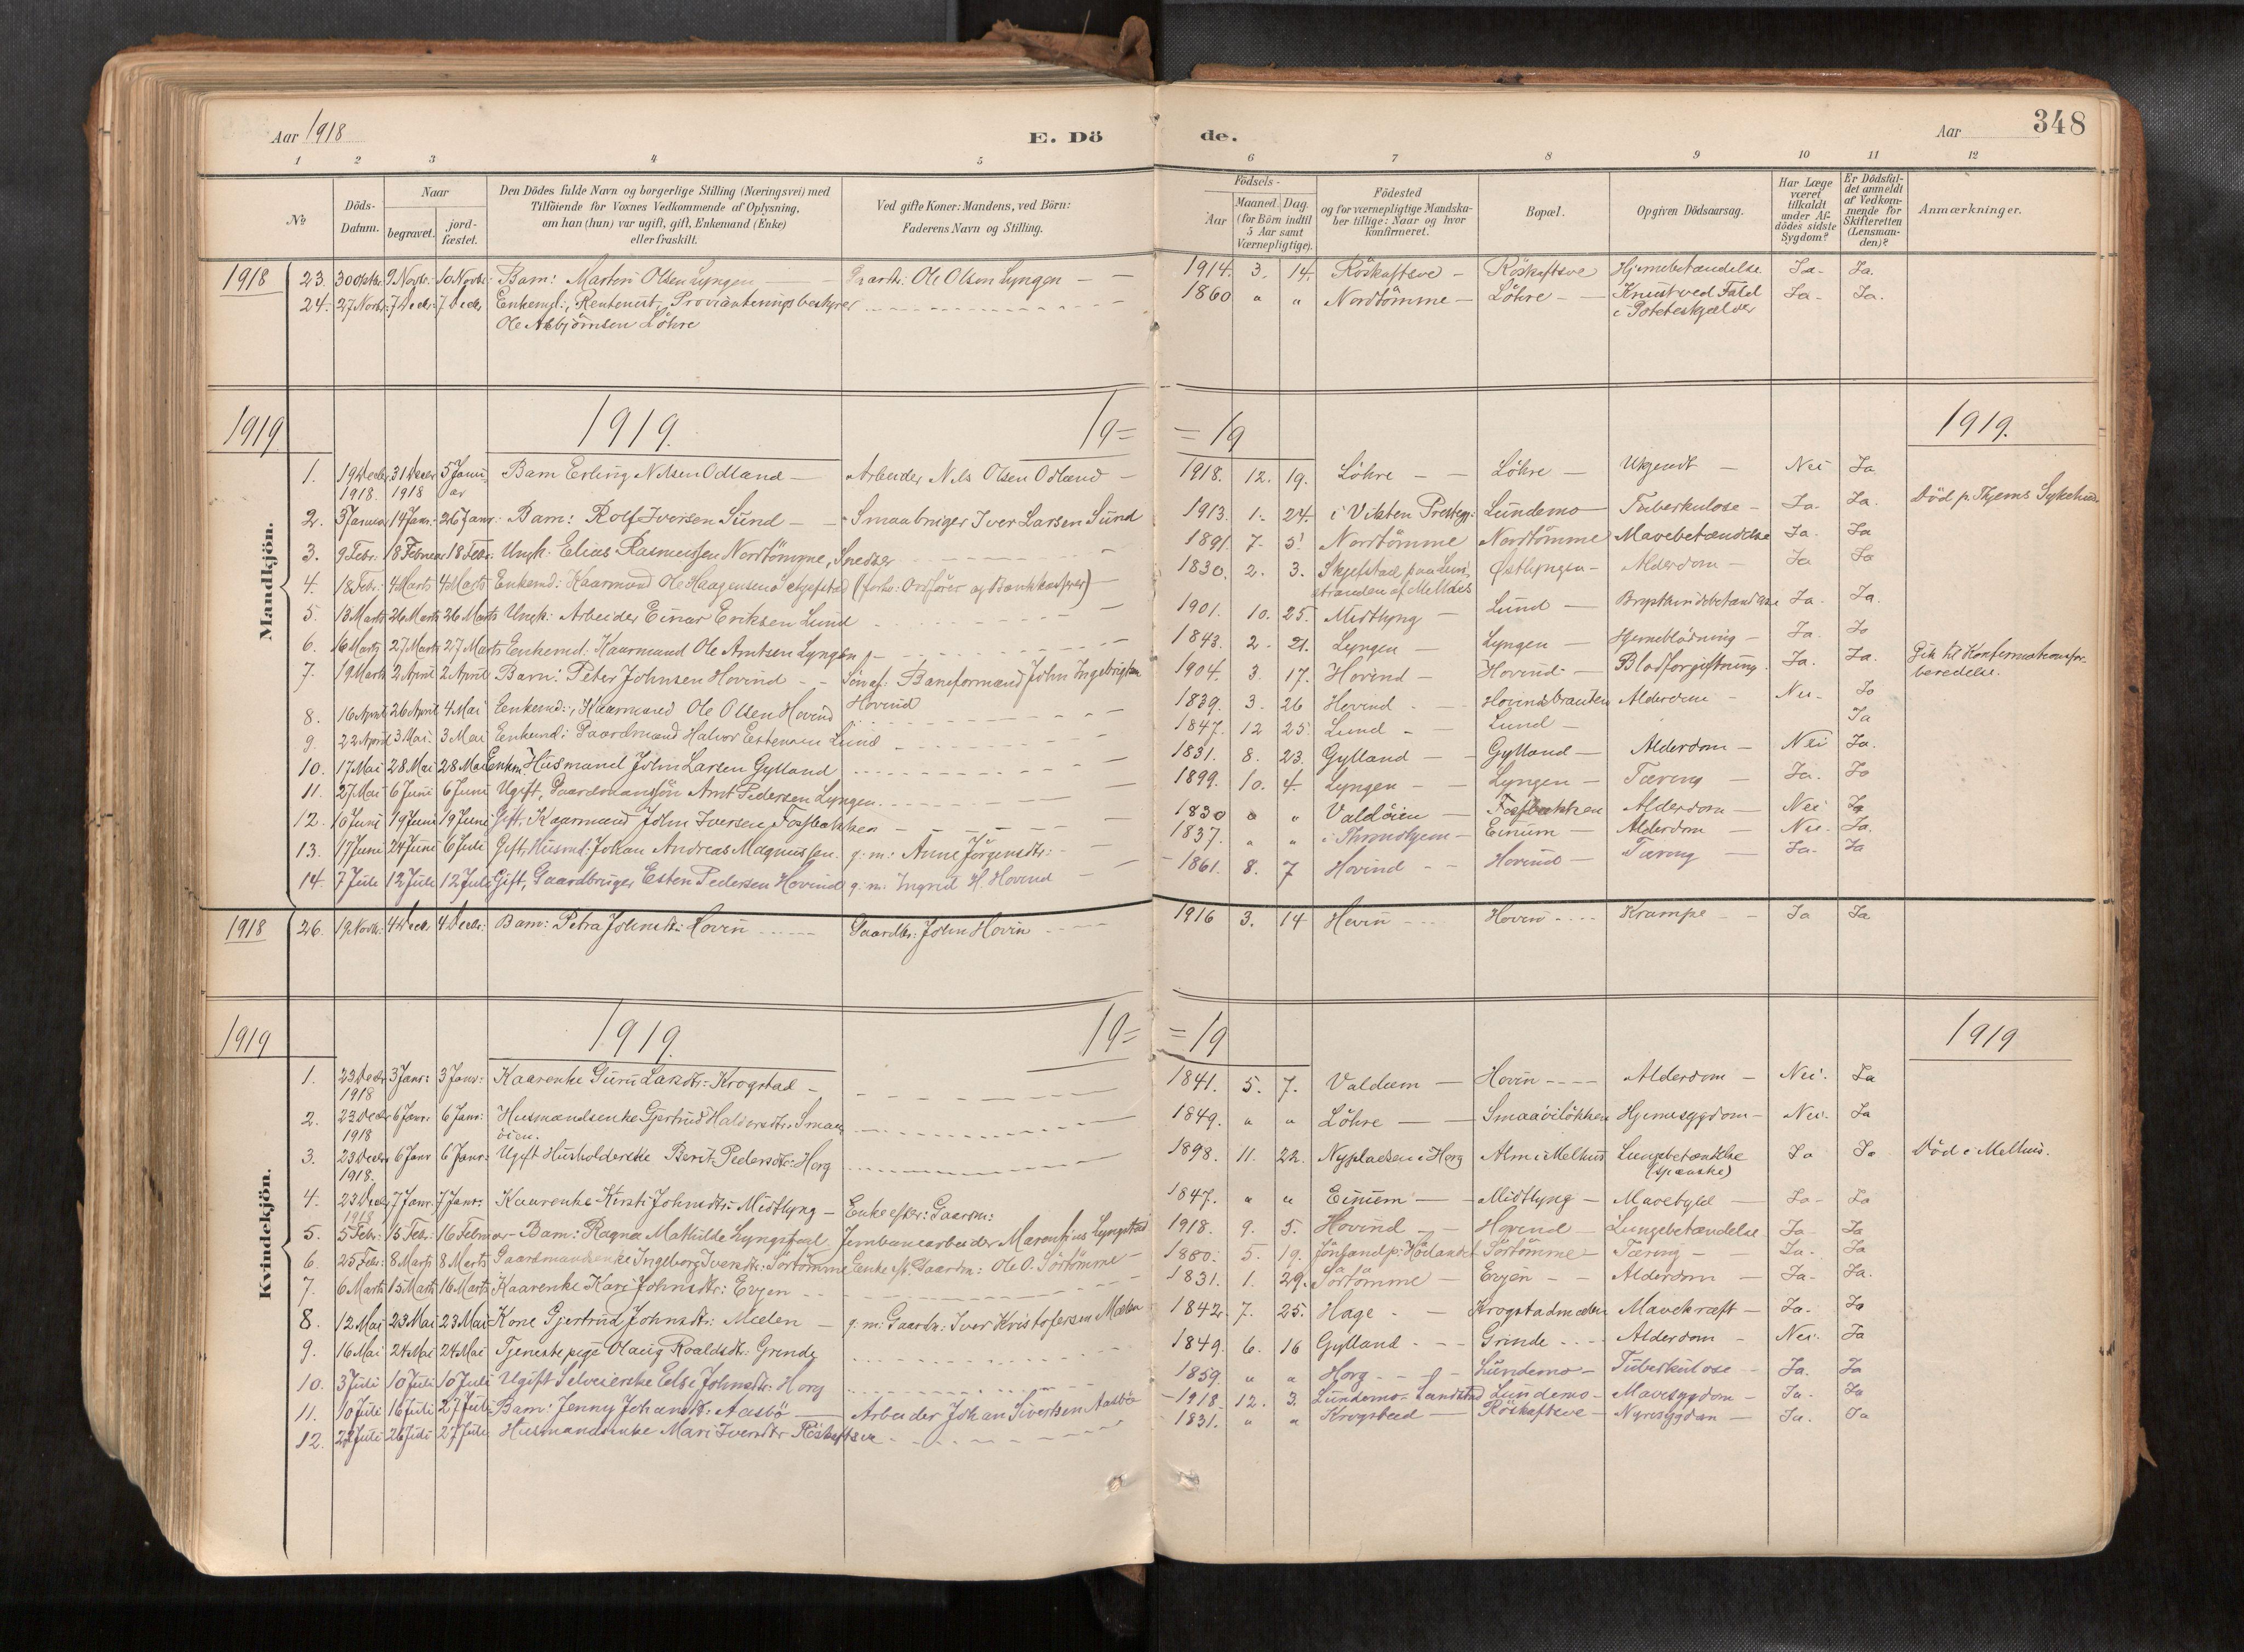 SAT, Ministerialprotokoller, klokkerbøker og fødselsregistre - Sør-Trøndelag, 692/L1105b: Ministerialbok nr. 692A06, 1891-1934, s. 348